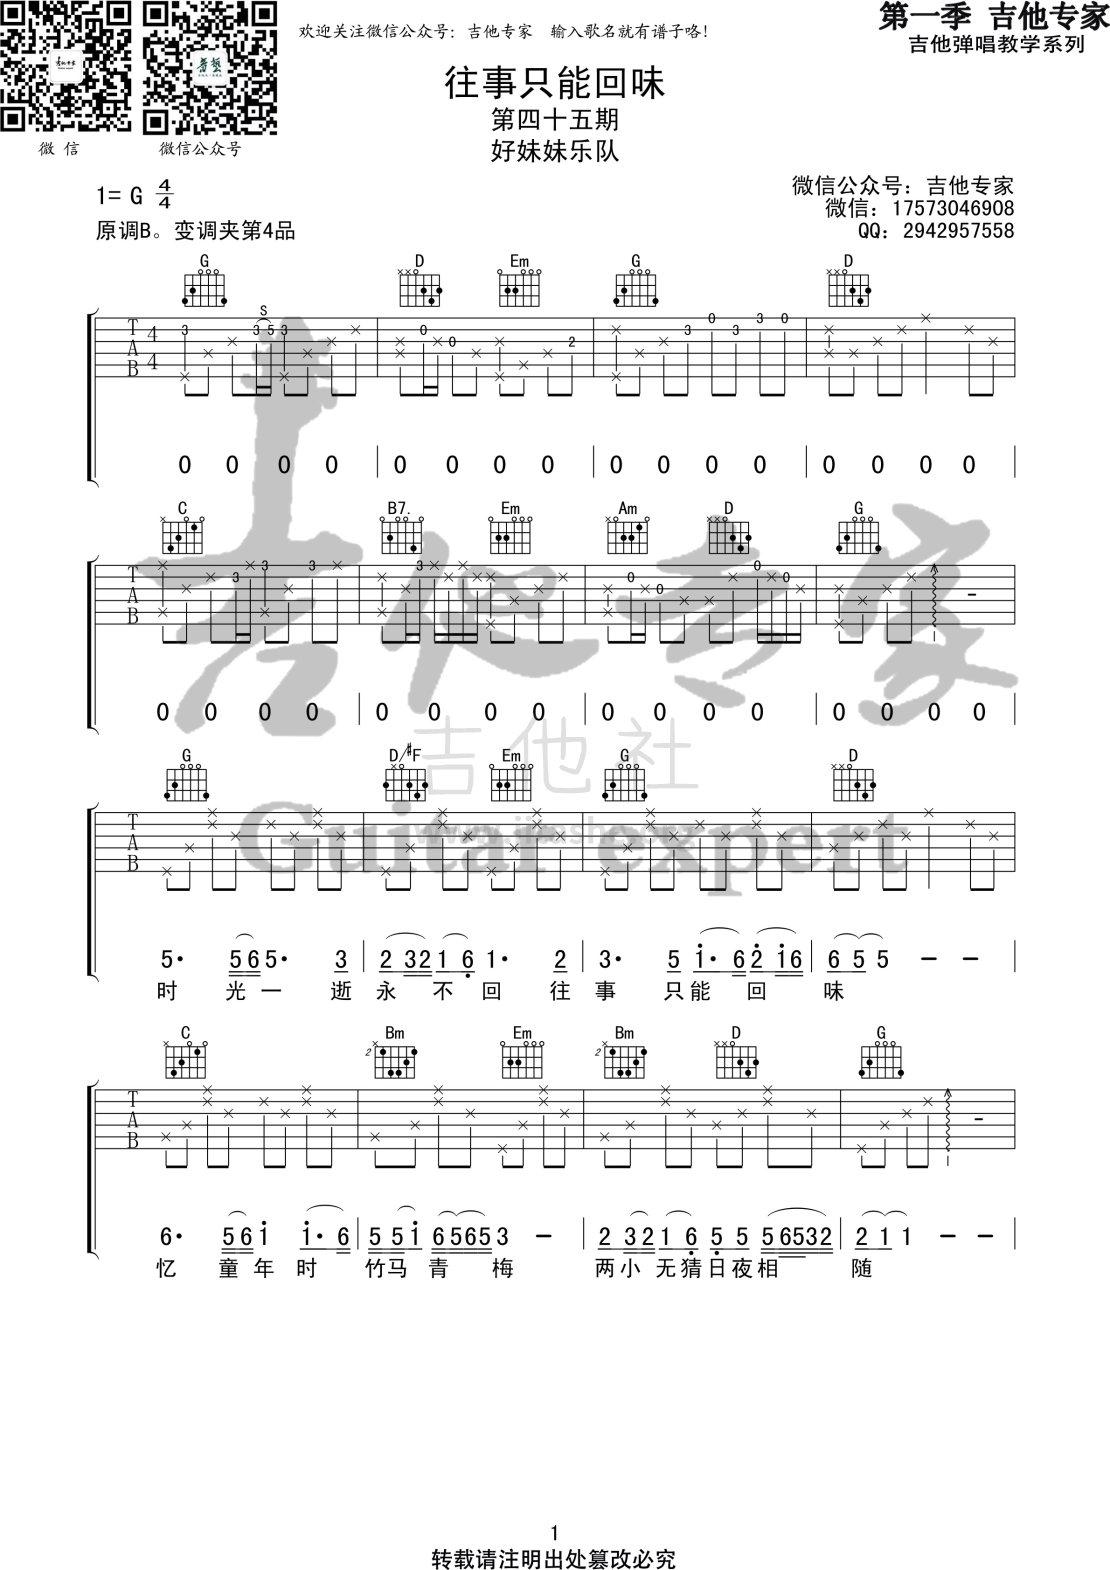 往事只能回味(音艺吉他专家弹唱教学:第一季第45集)吉他谱(图片谱,弹唱,伴奏,教程)_好妹妹_往事只能回味1 第一季第四十五集.jpg